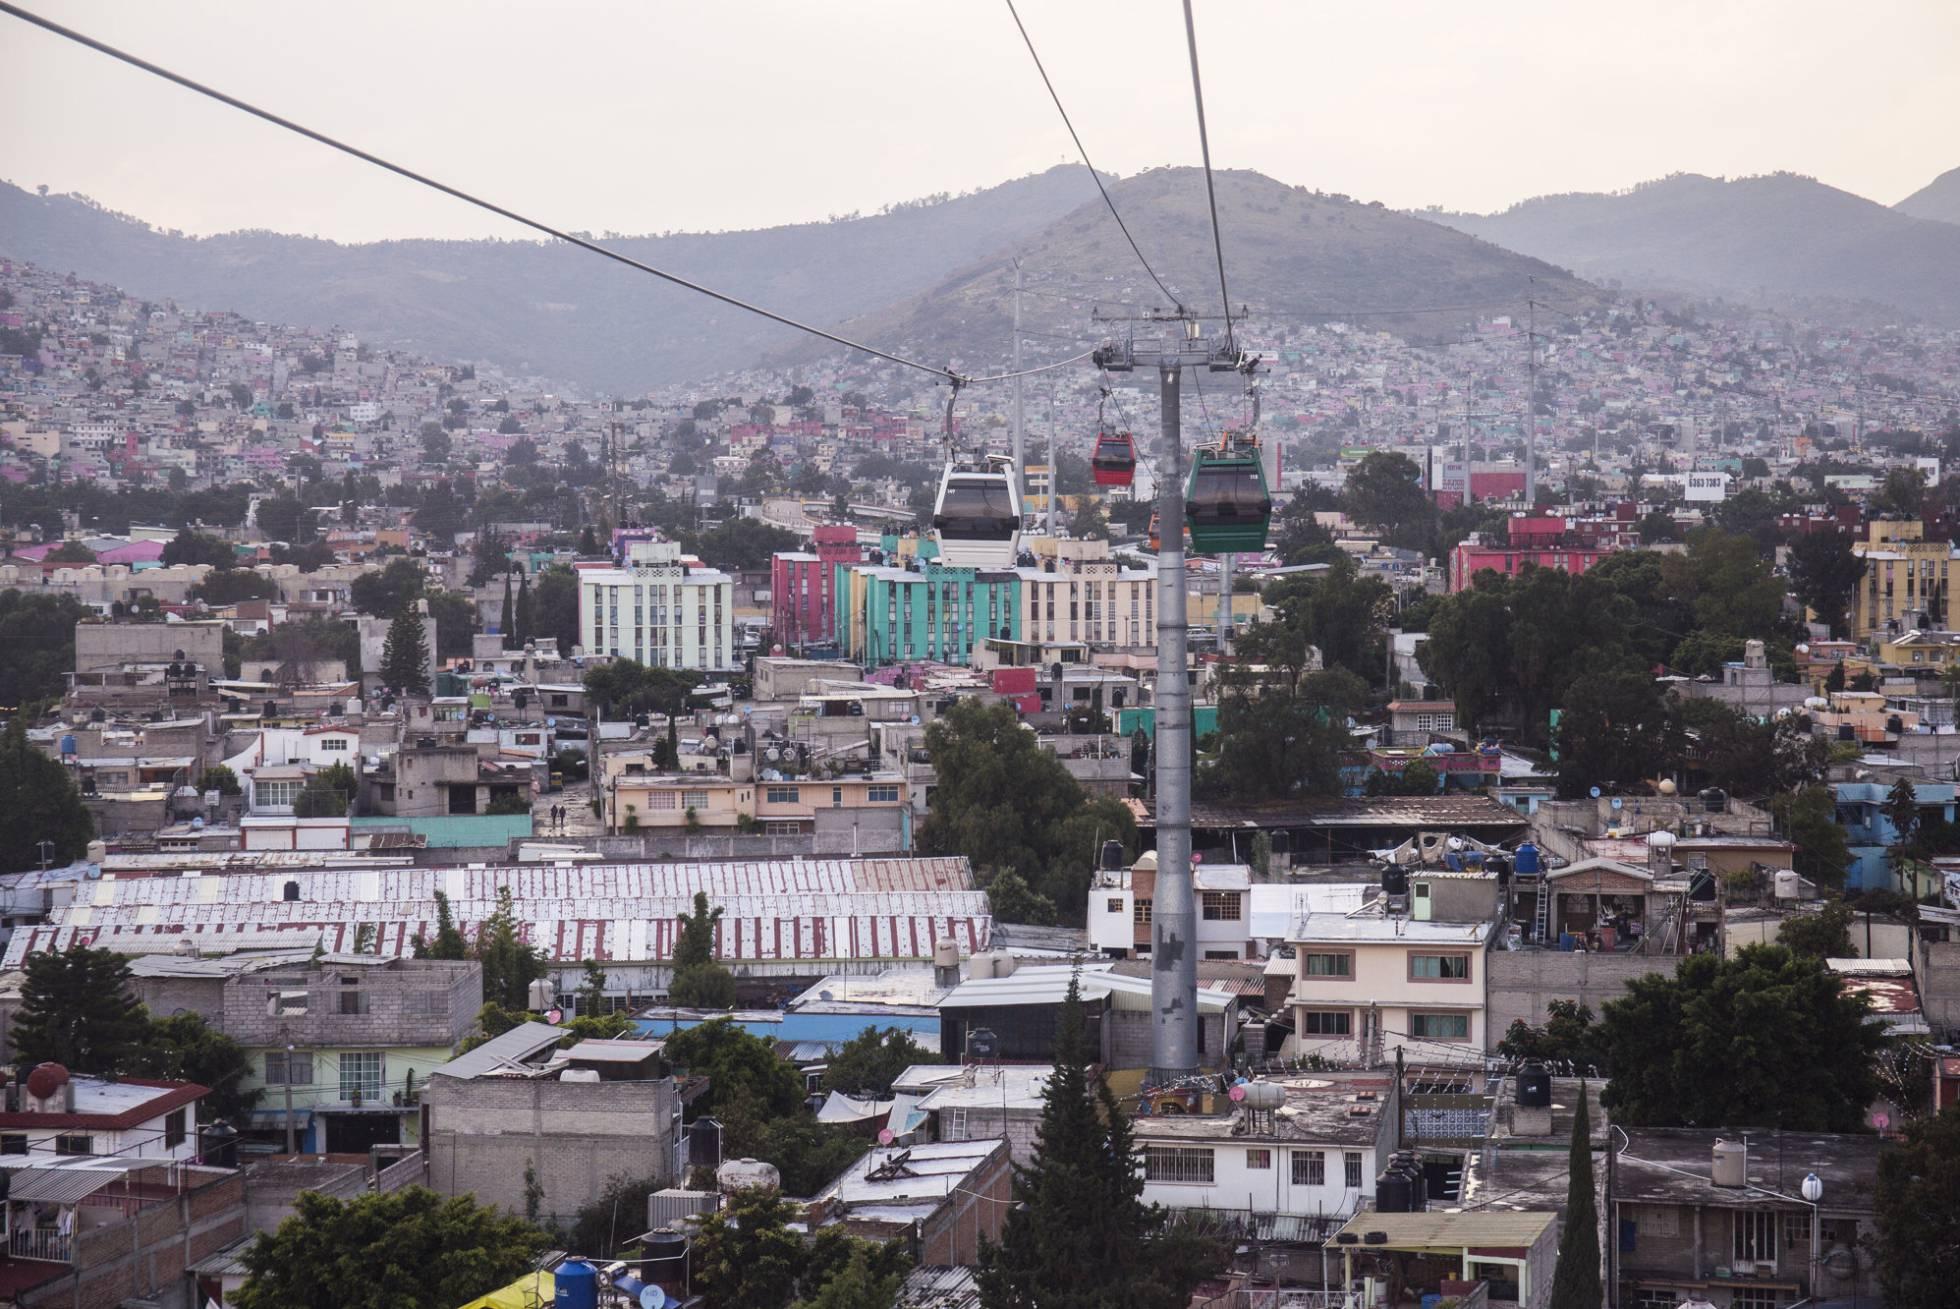 La fragilidad de la vida en Ecatepec